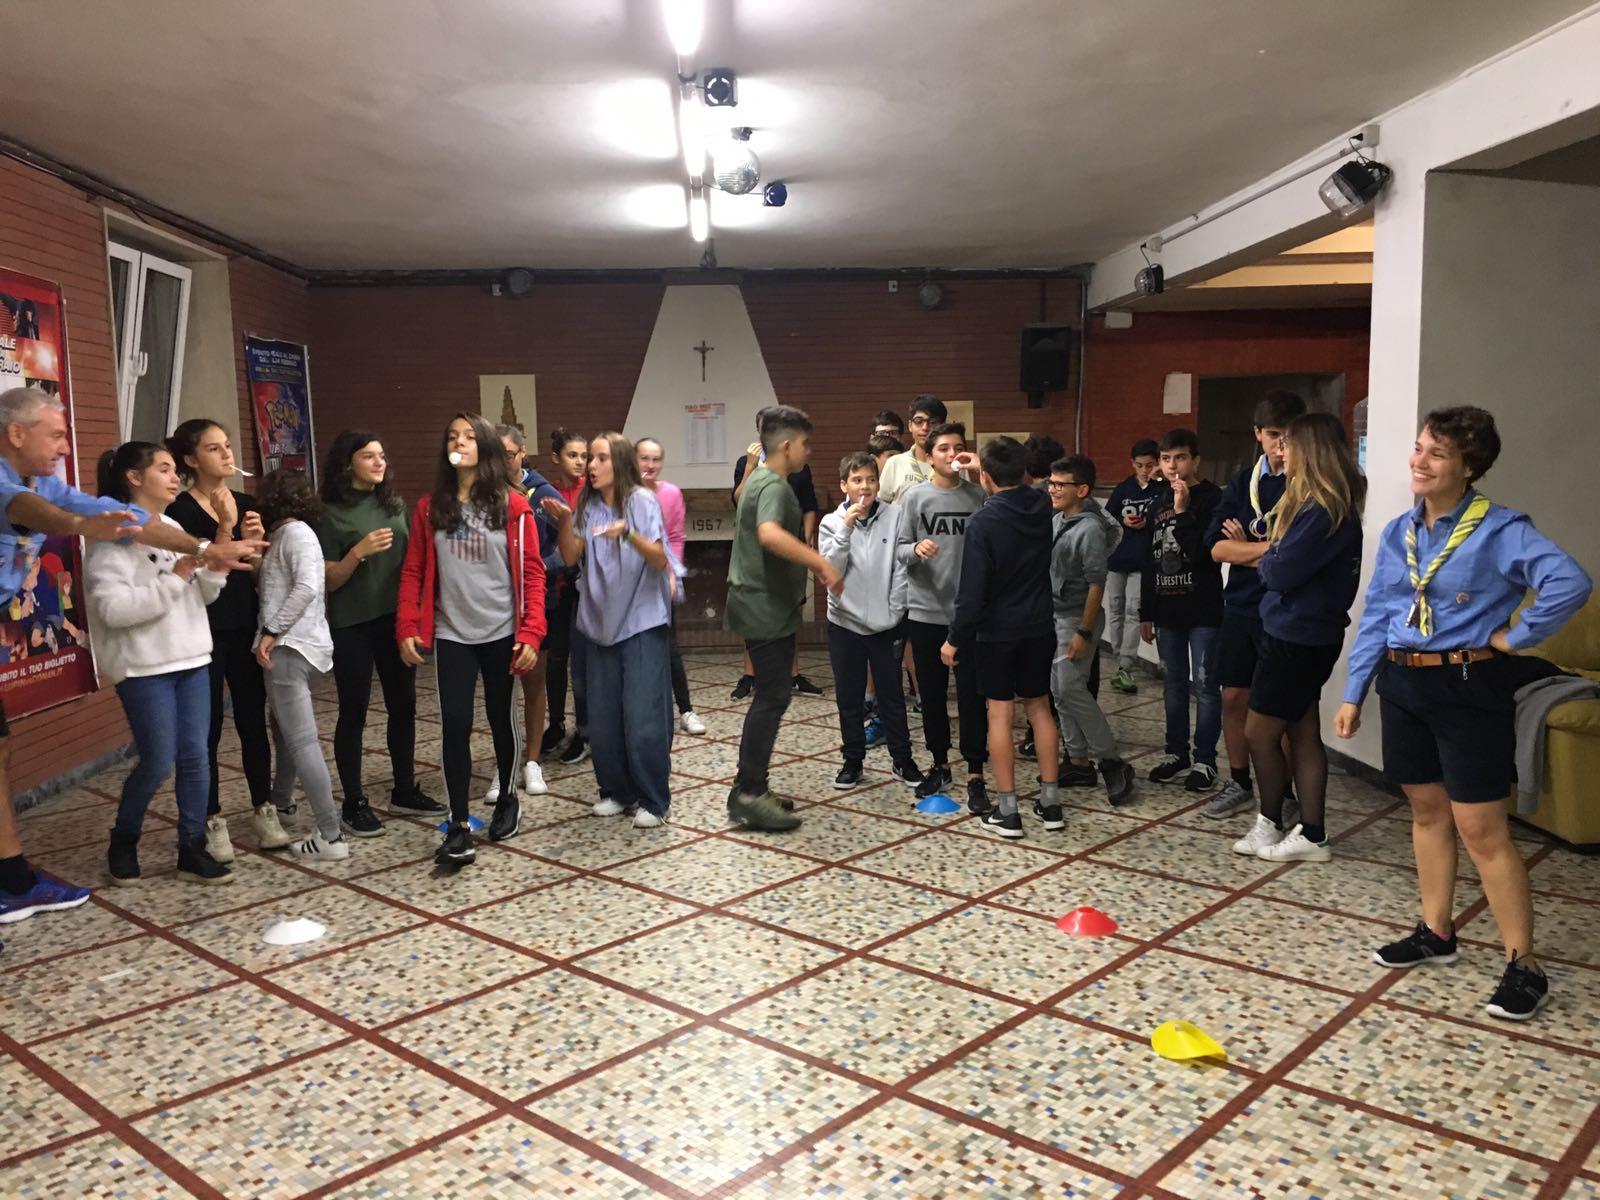 Apertura Catechismo Giochi2 (8)